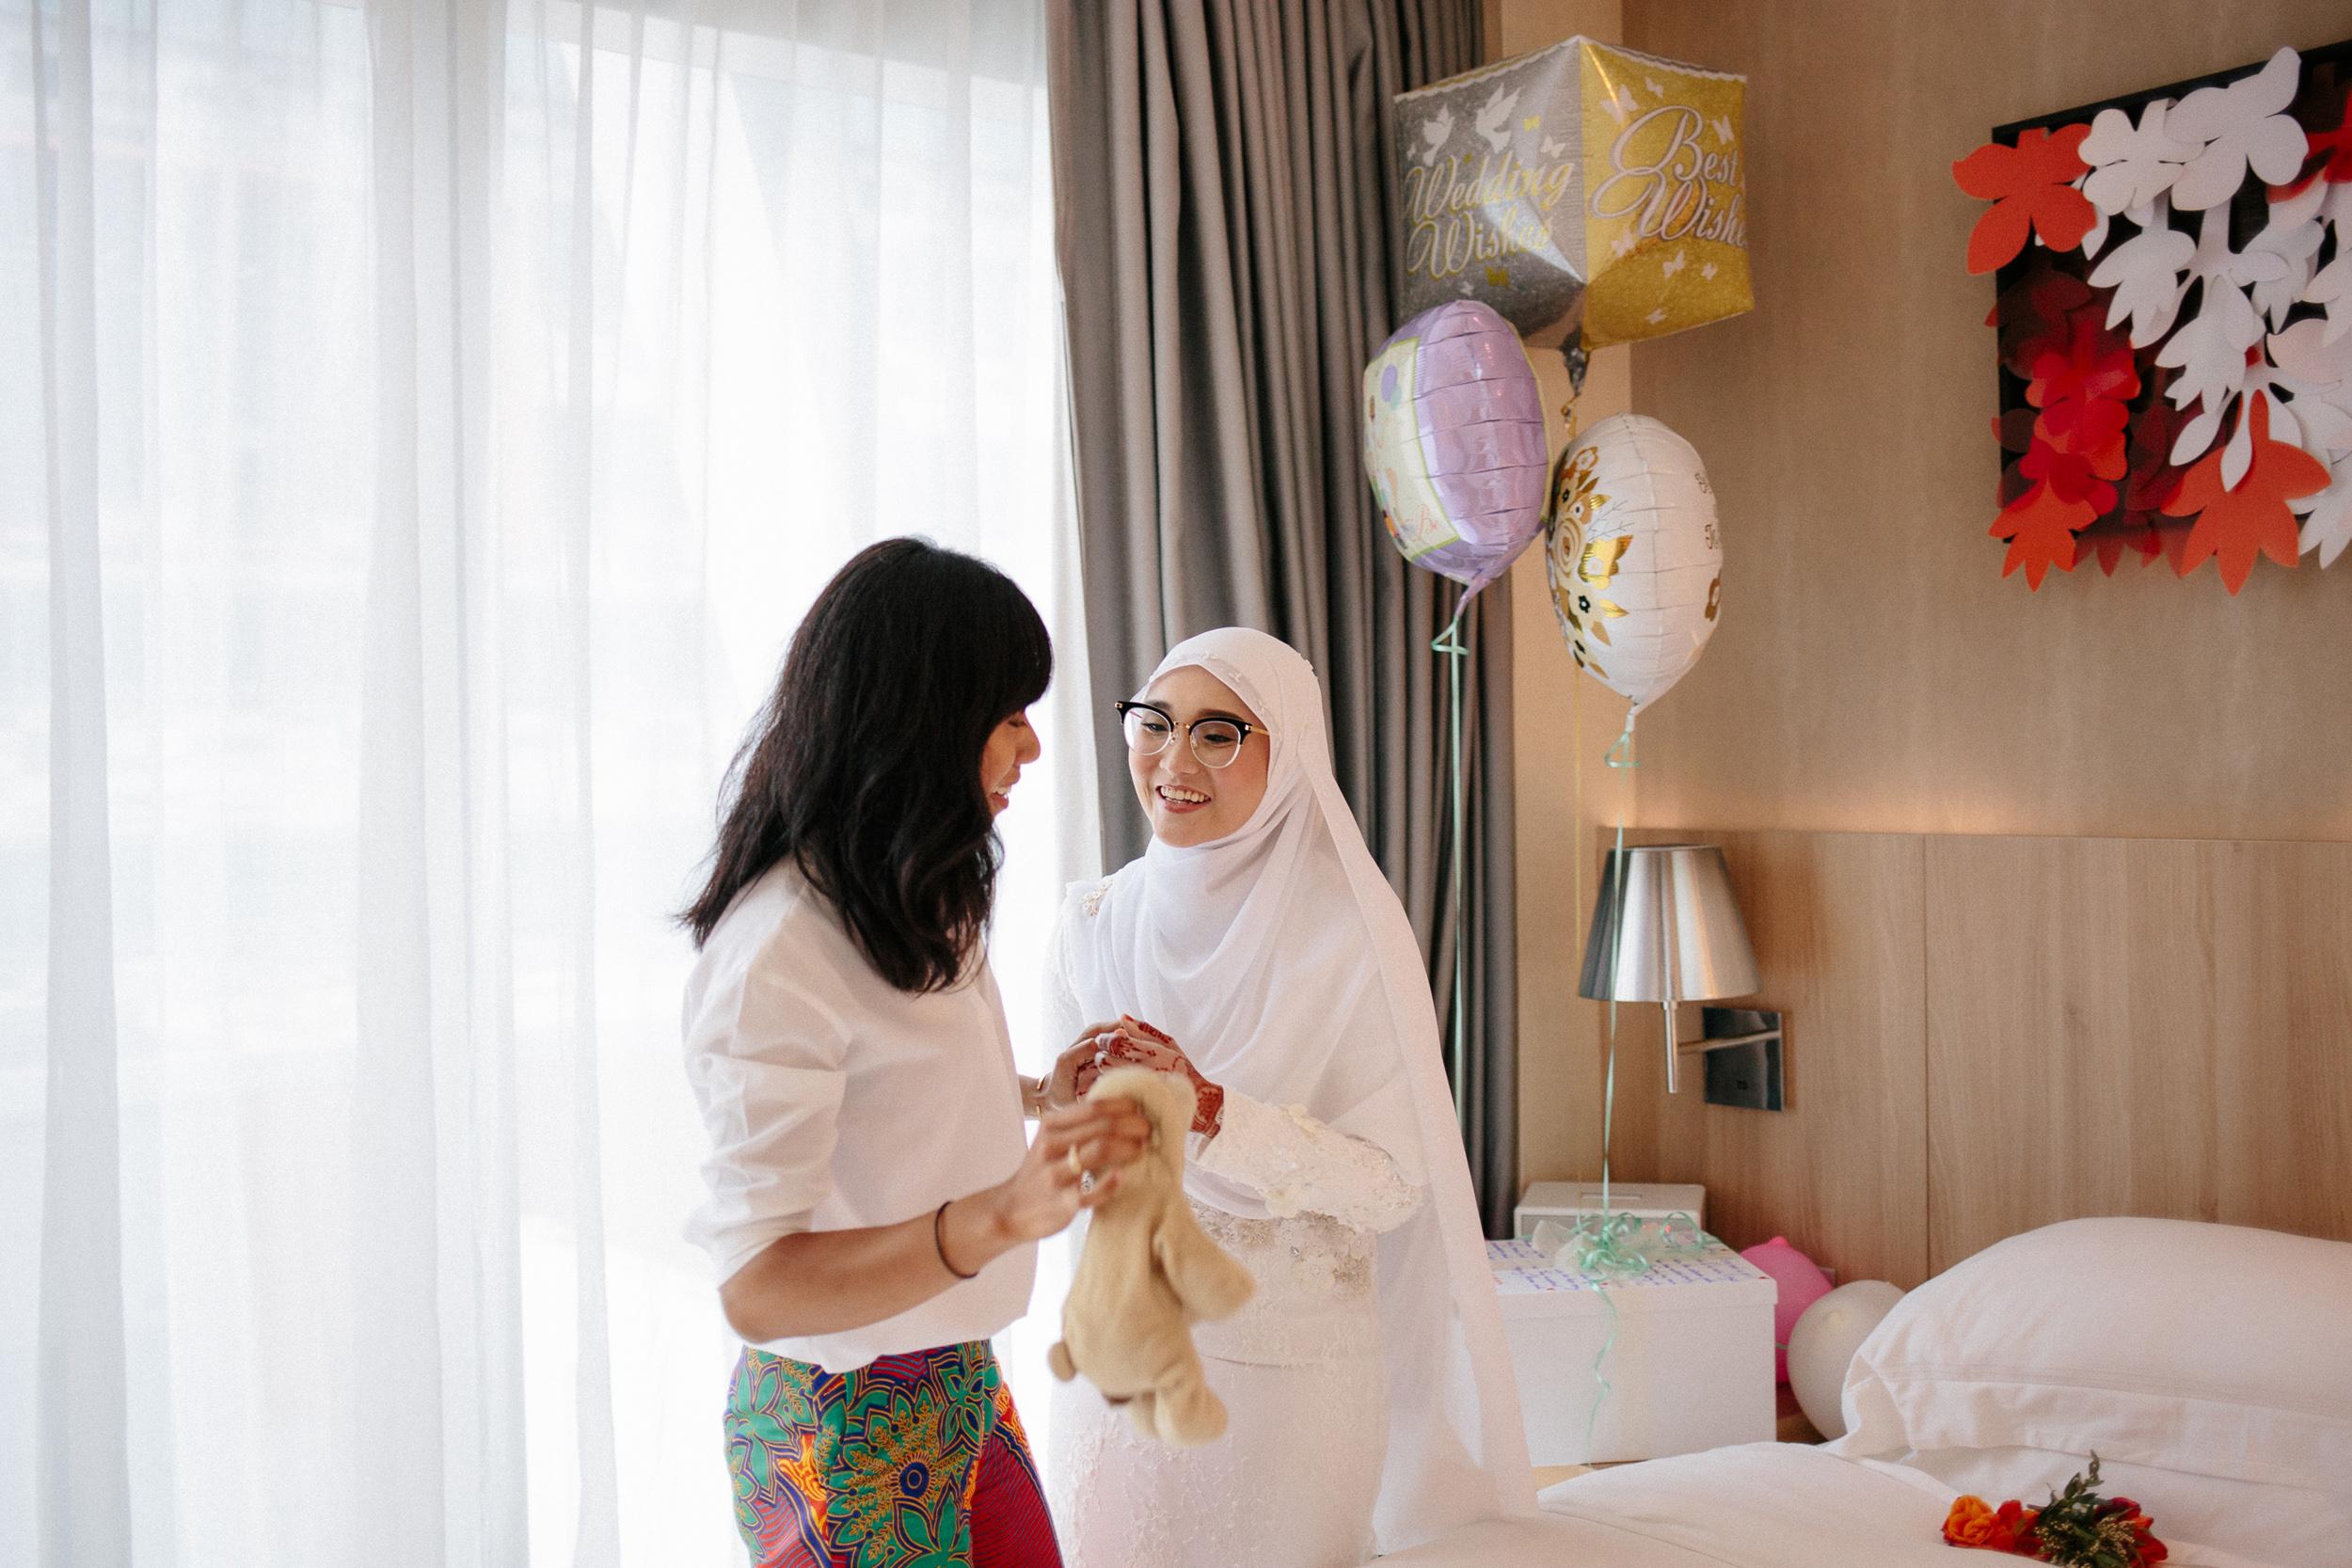 singapore-wedding-photographer-wemadethese-13.jpg